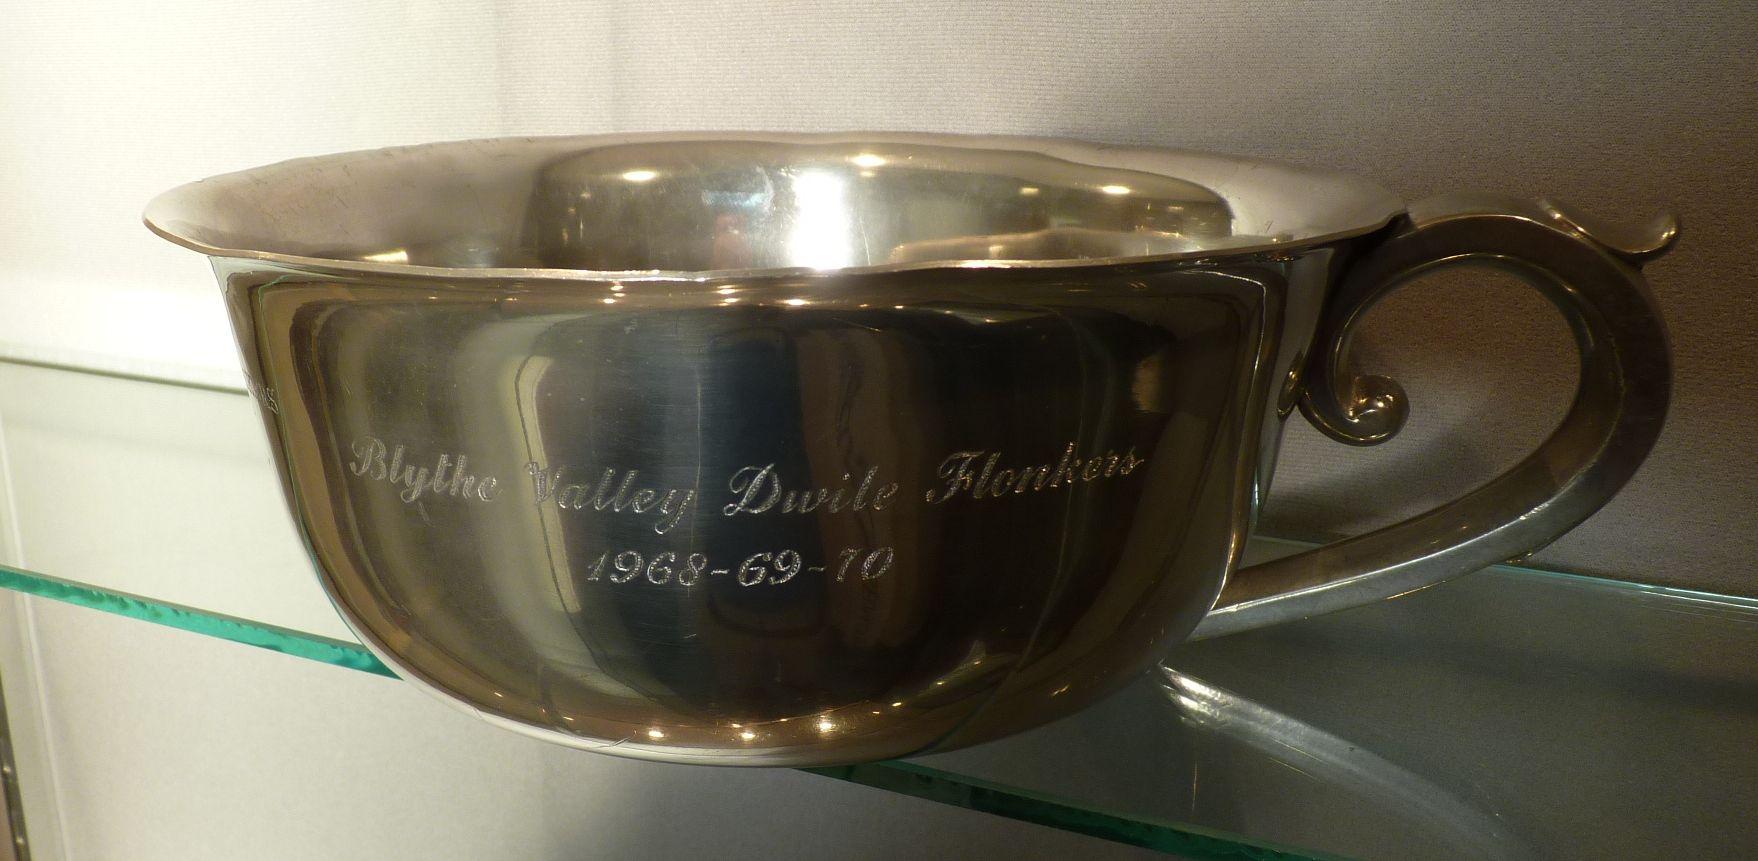 Dwile Flonkers' Trophy